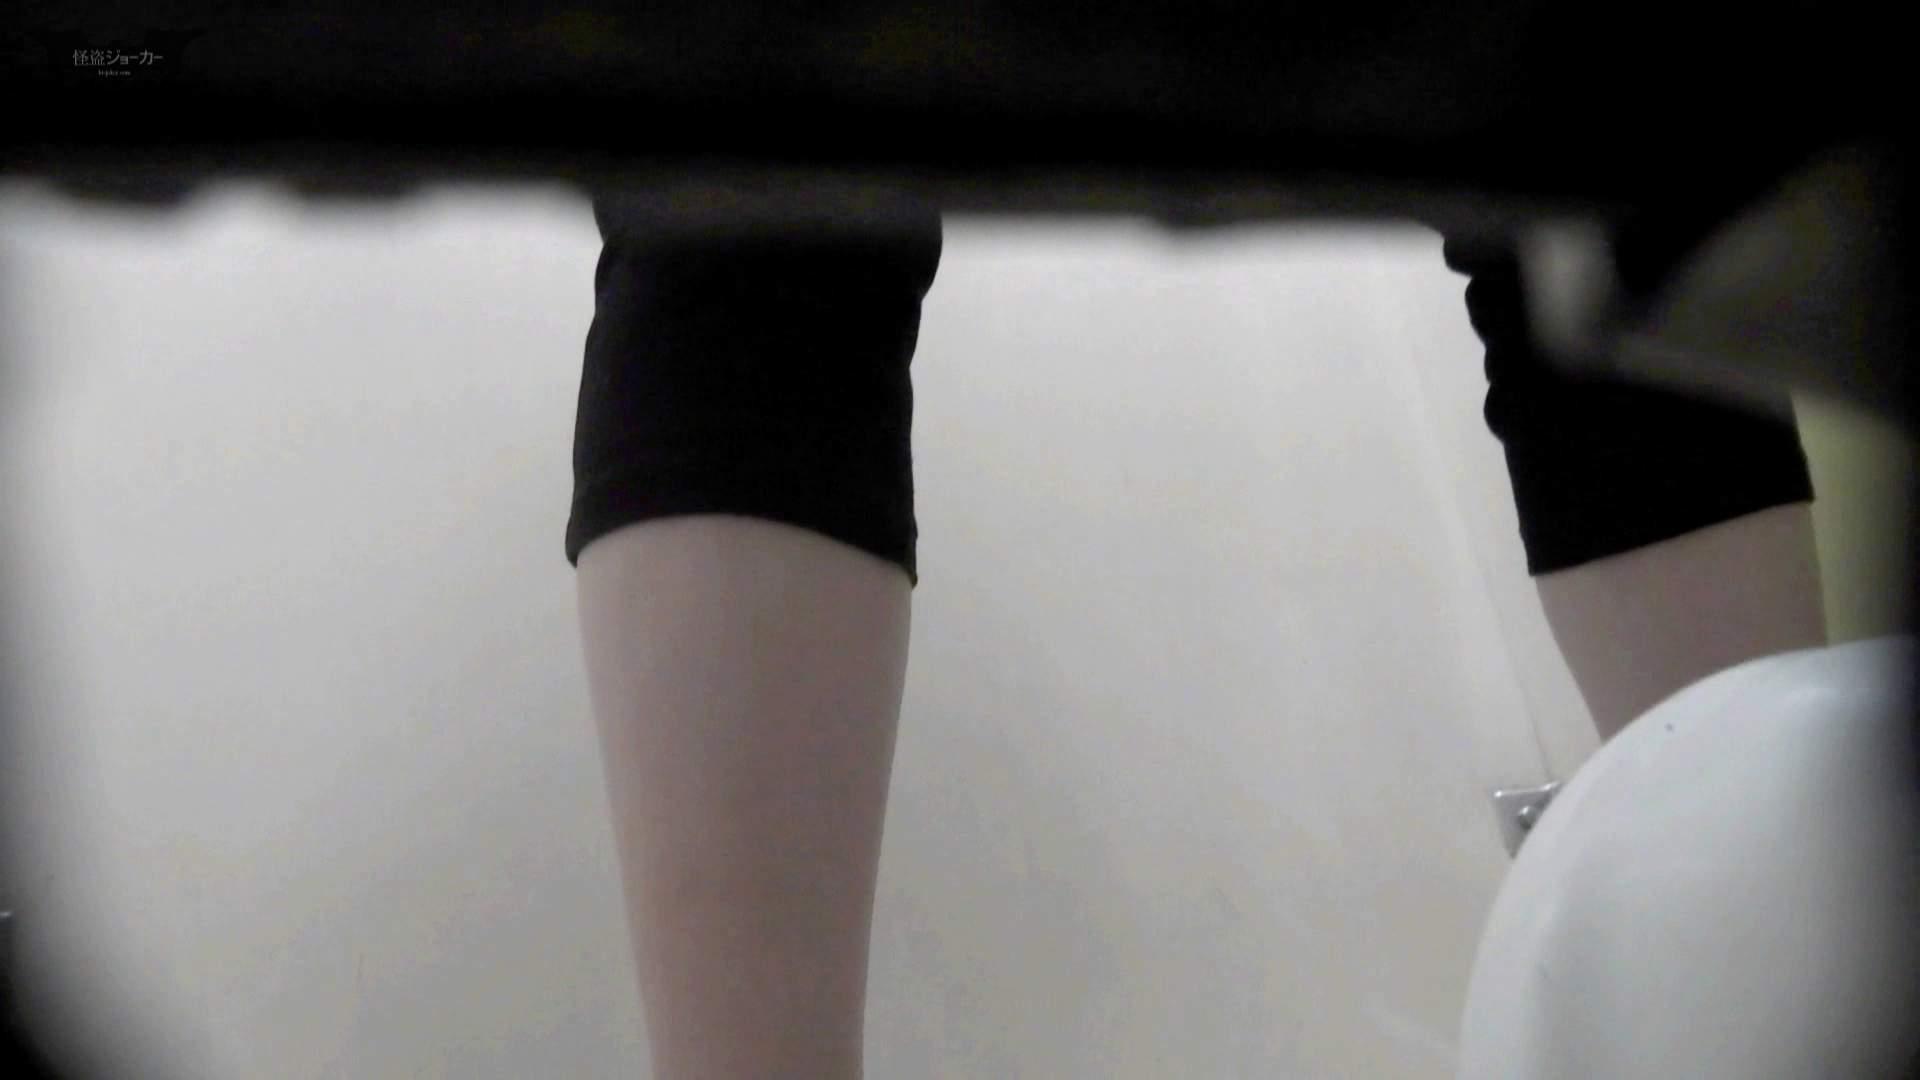 洗面所特攻隊 vol.68 前回のスーパー美女がついに【2015・14位】 OL  78pic 31